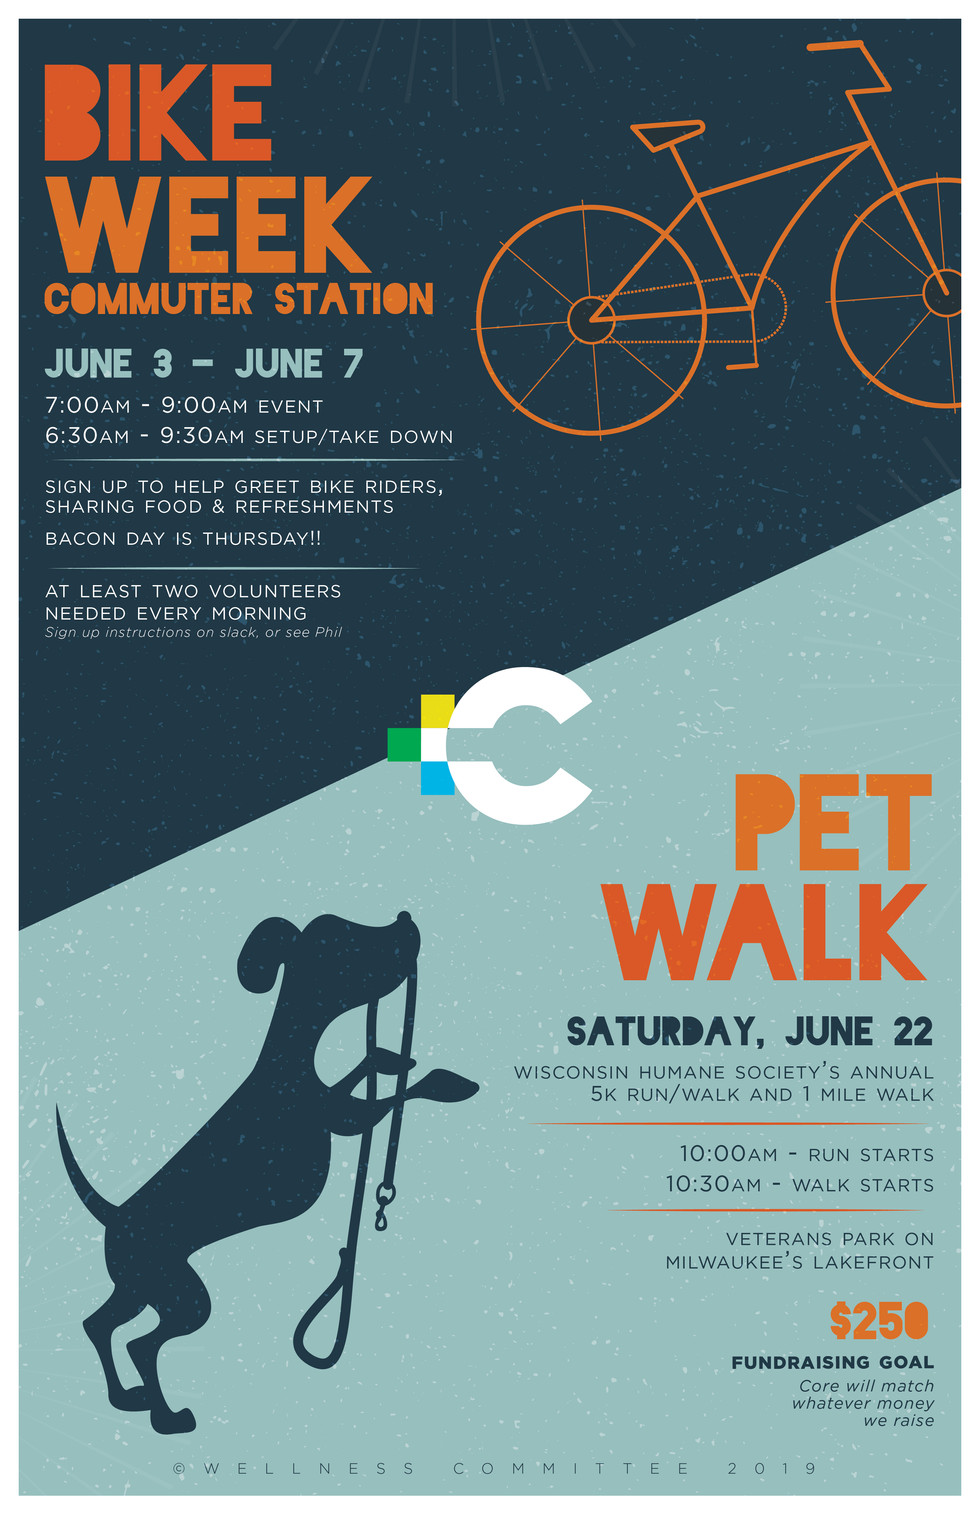 Pet Week_ Bike Week Poster-01.jpg